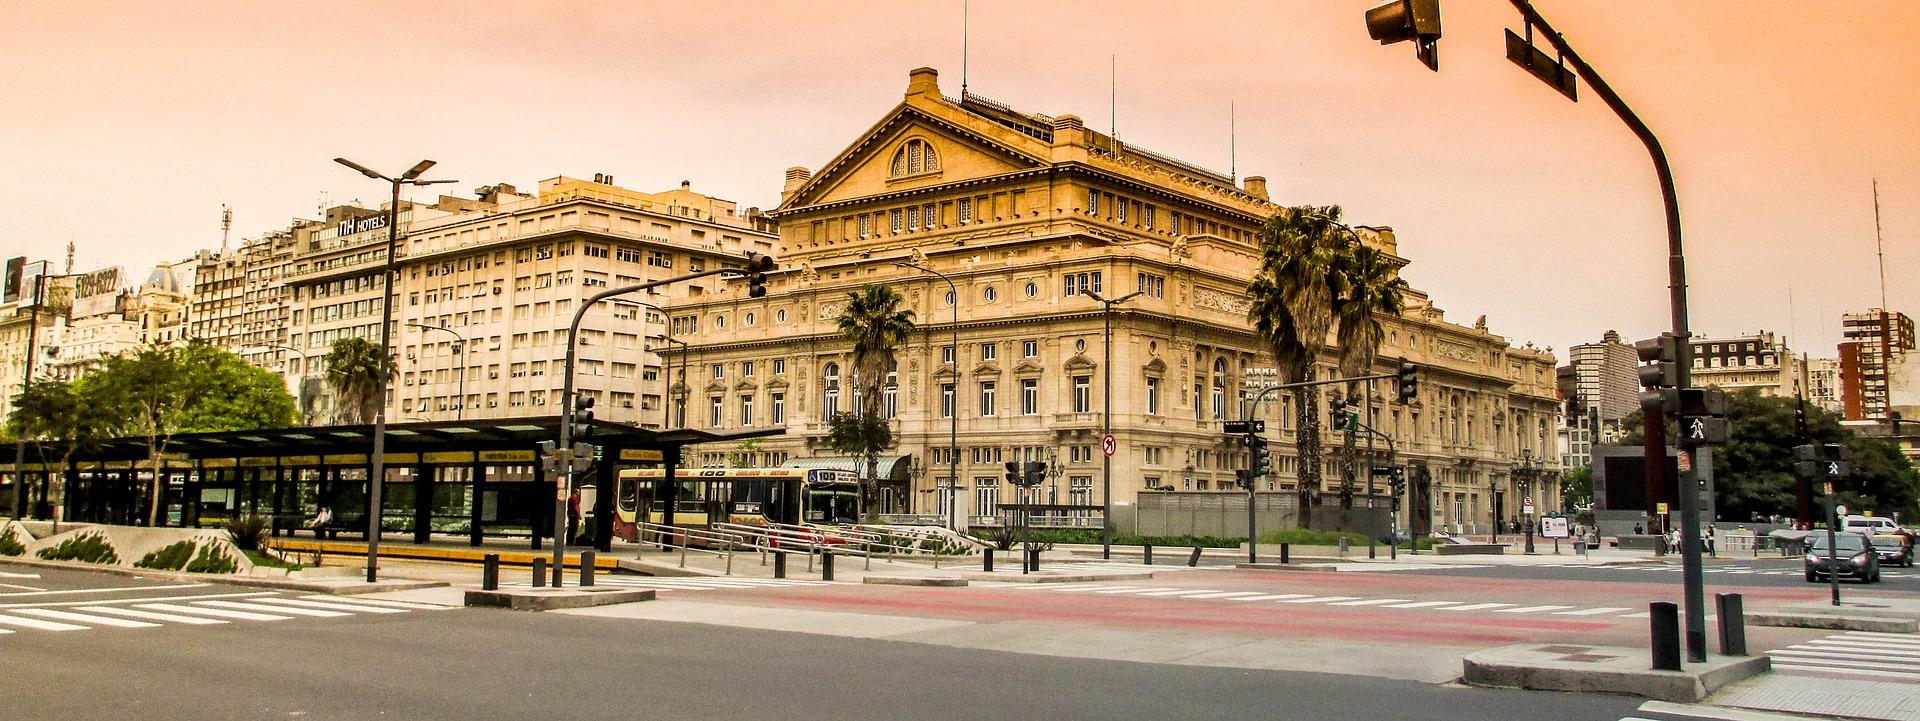 Аргентина Буенос-Айрес